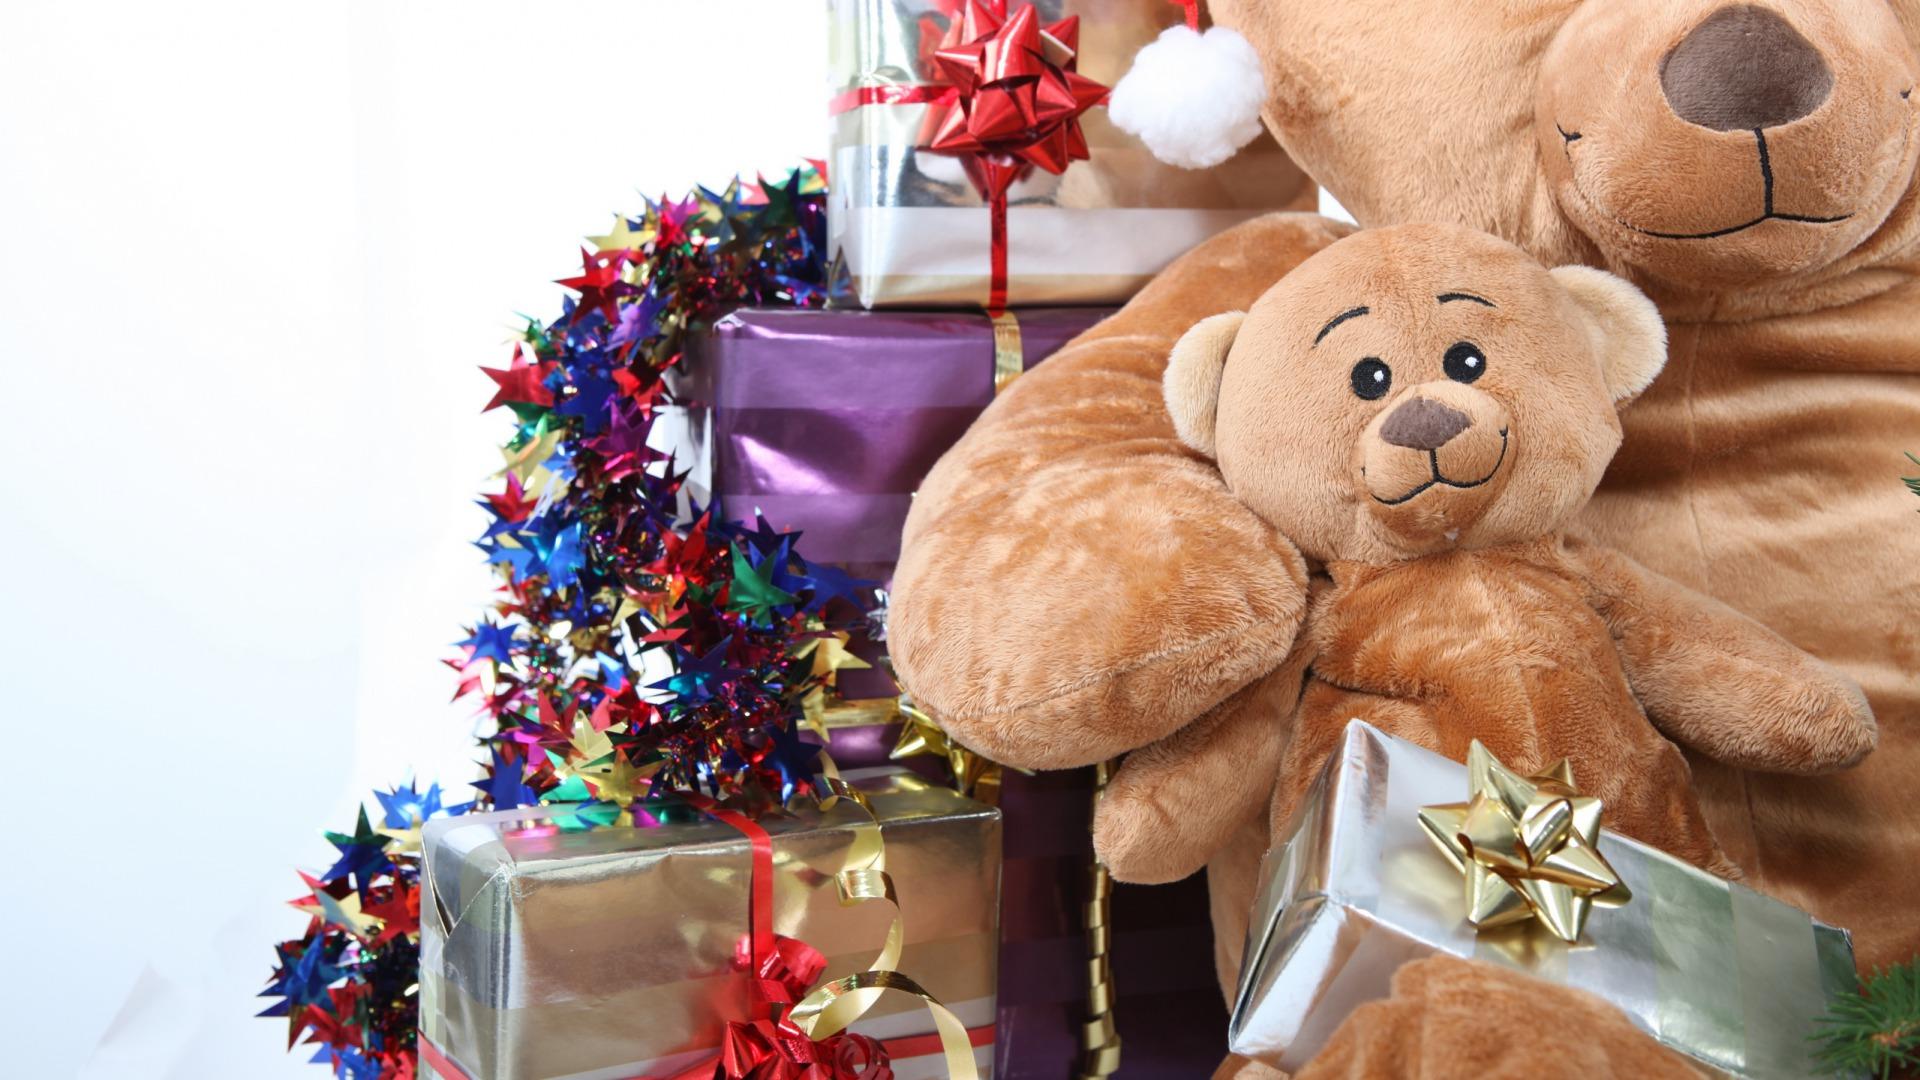 Bộ Sưu Tập Ảnh Giáng Sinh - Page 3 Christmasgifts10